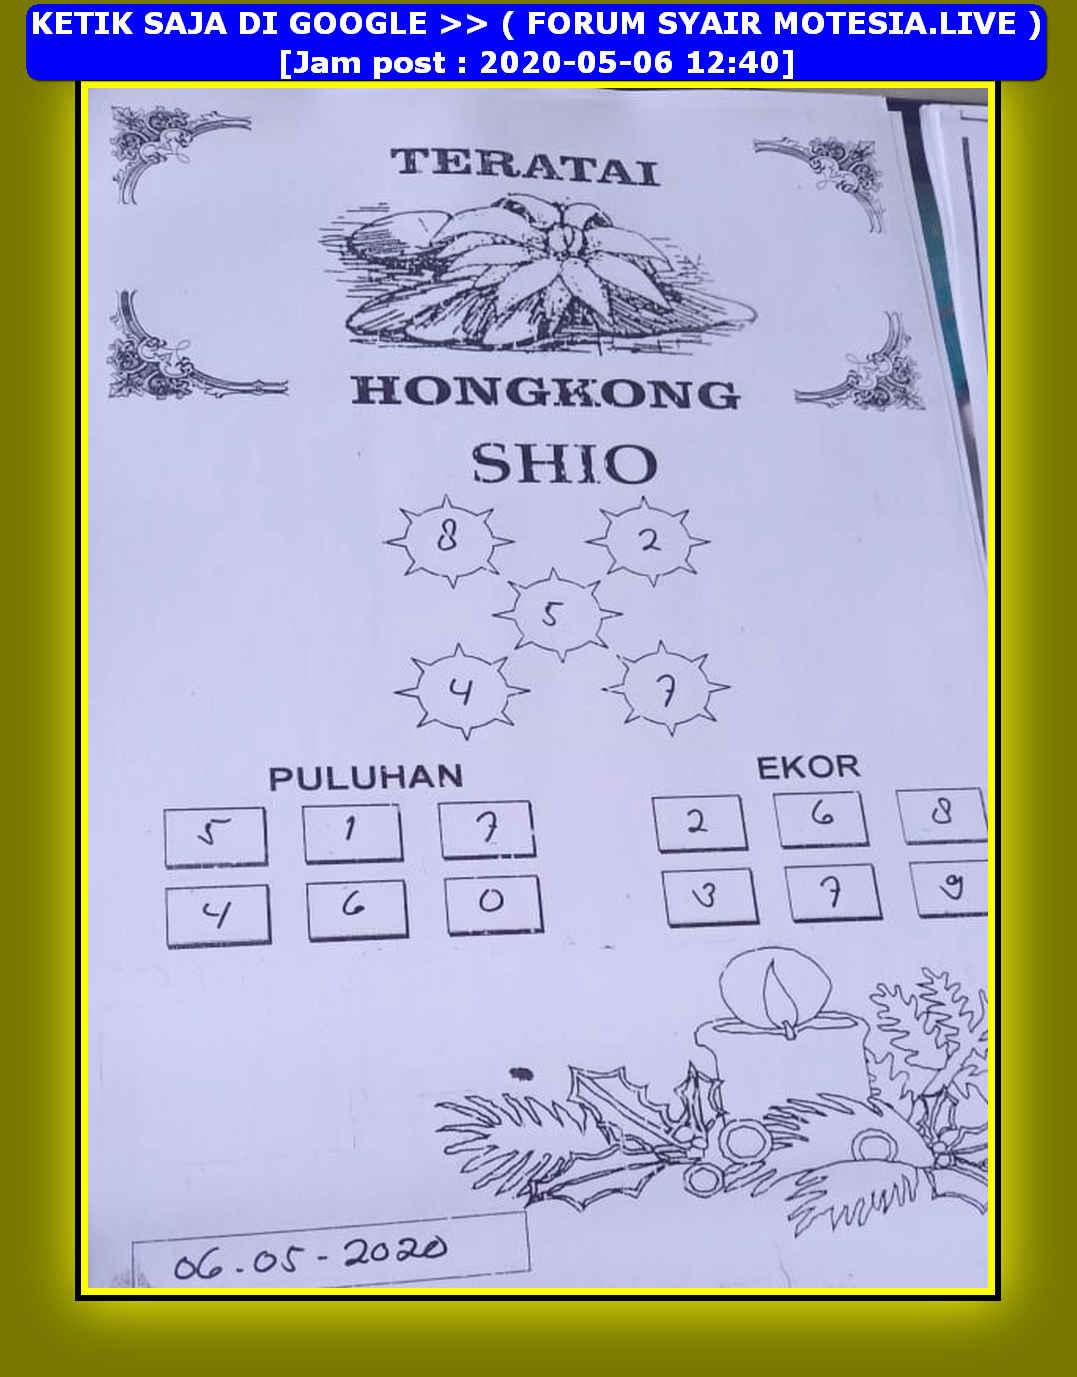 Kode syair Hongkong Rabu 6 Mei 2020 76